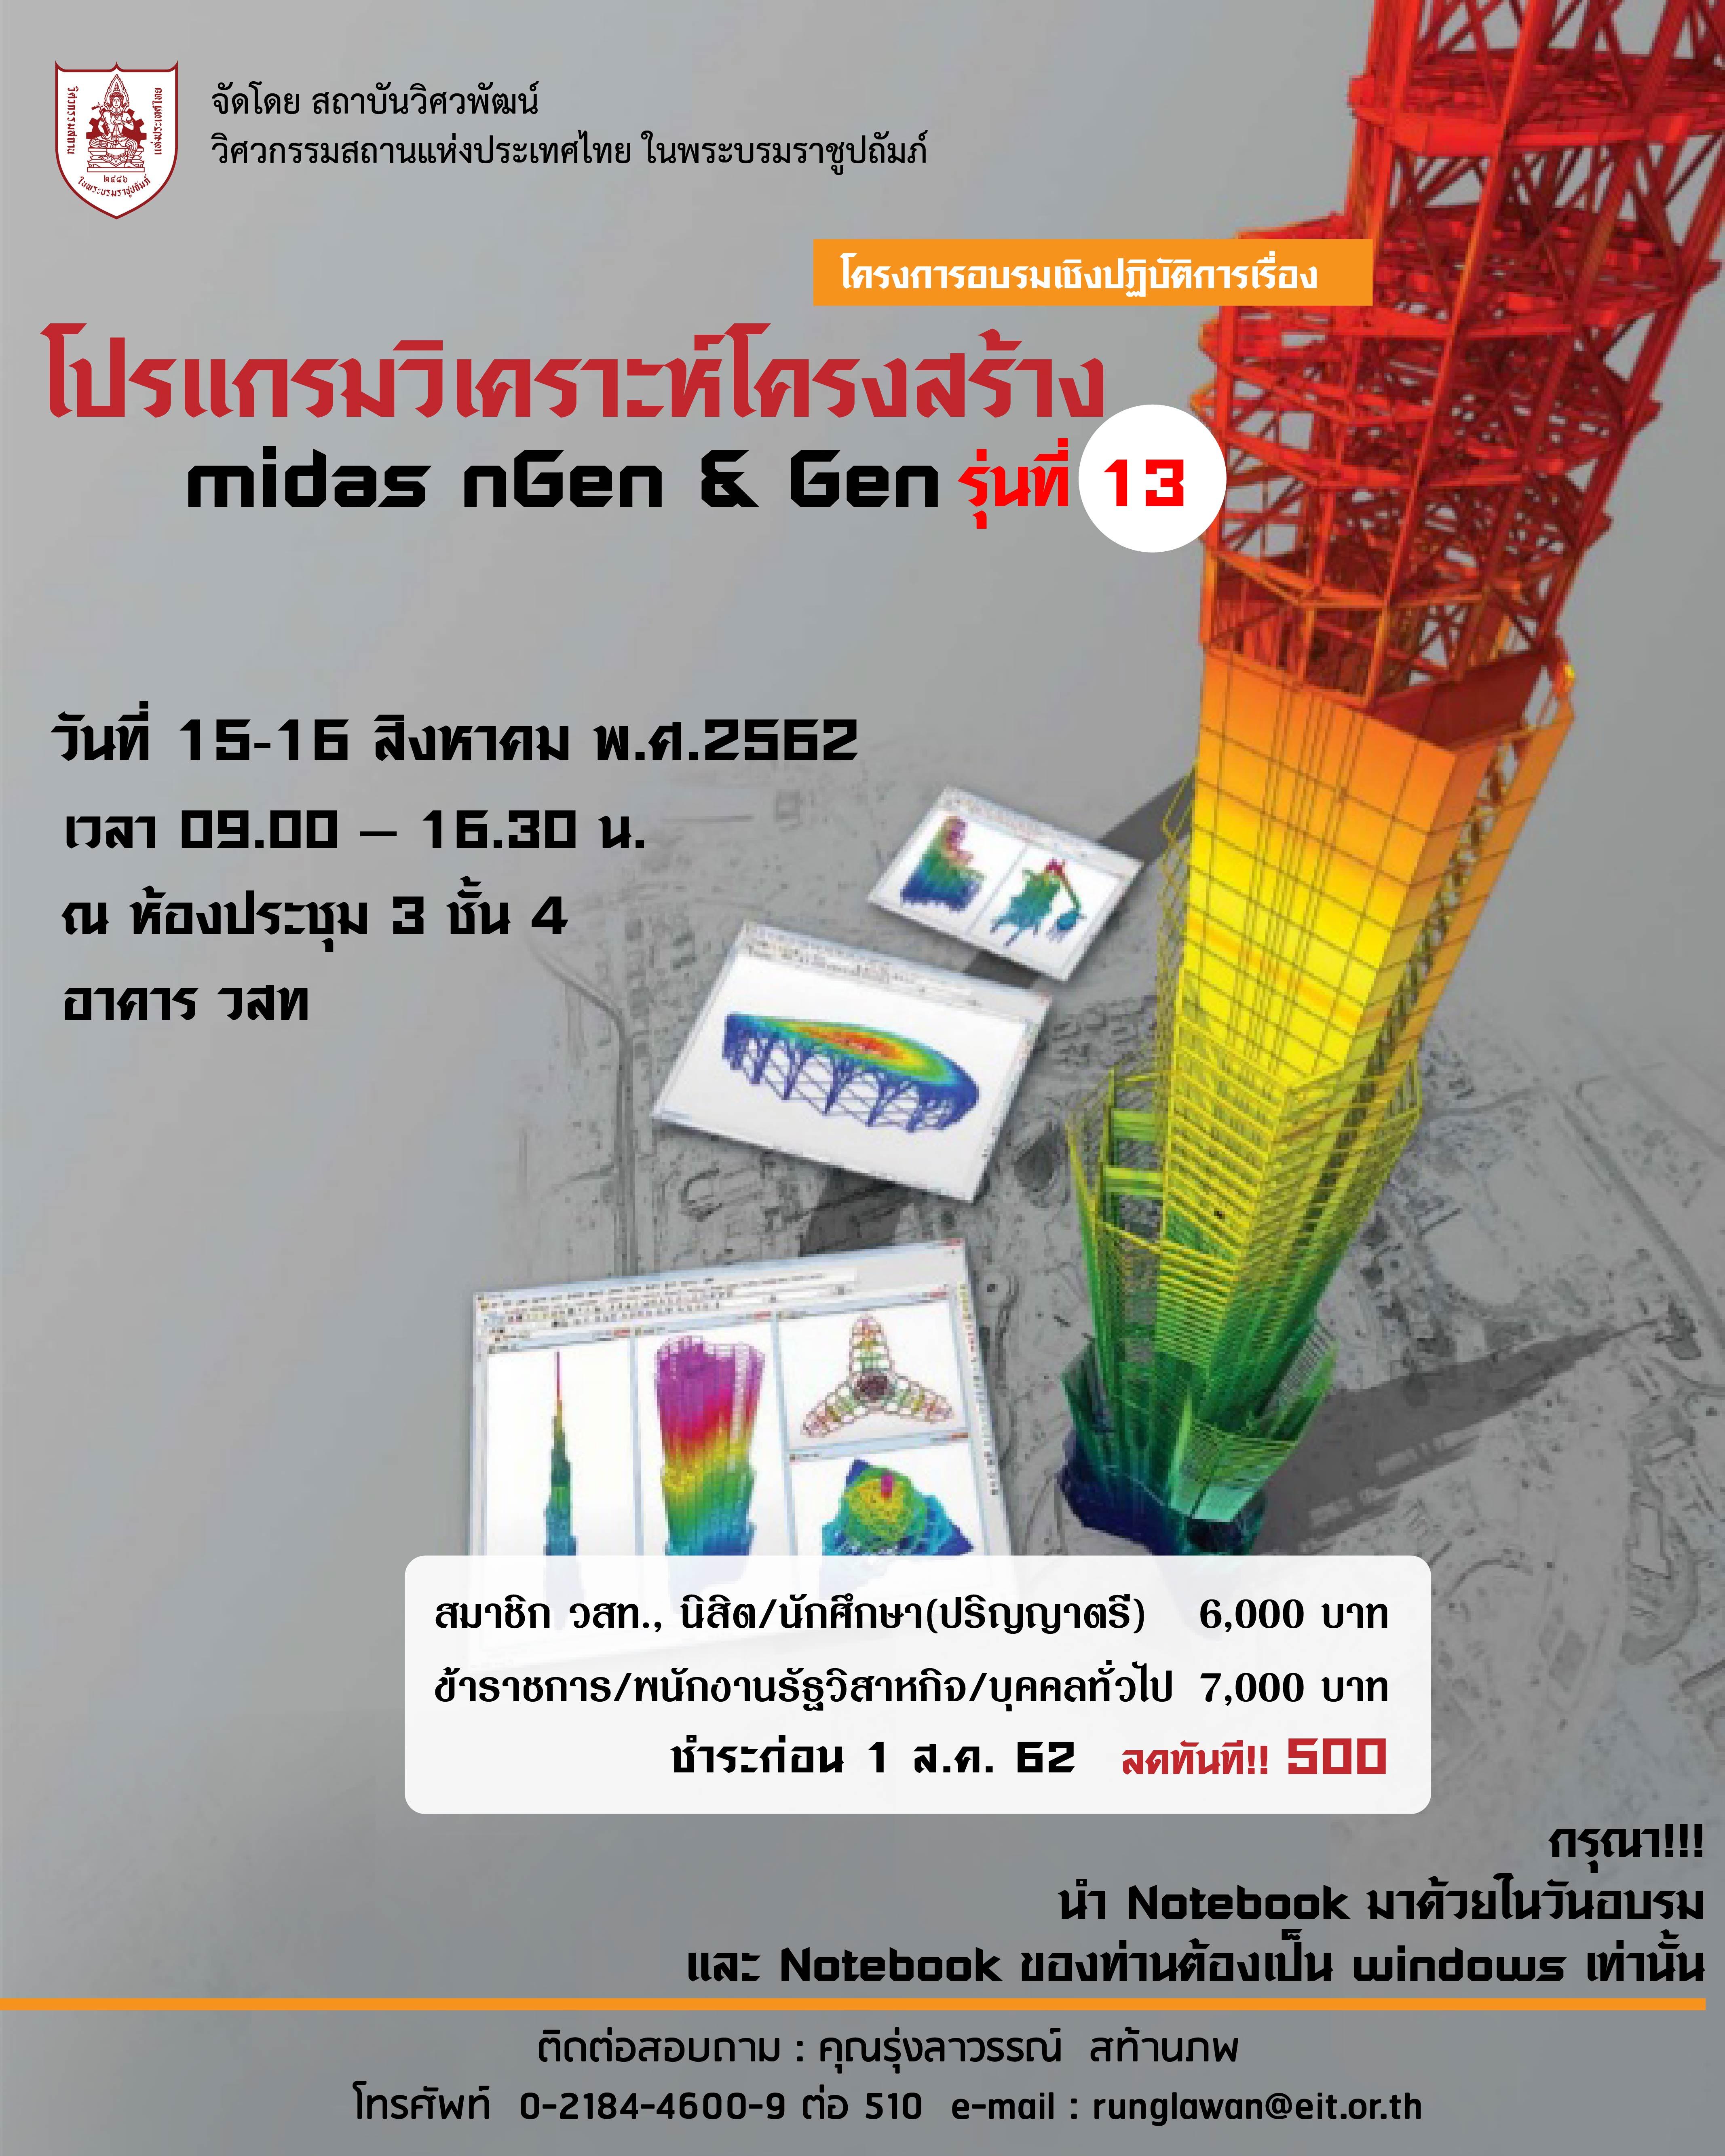 15-16/08/62การอบรมเชิงปฏิบัติการเรื่อง โปรแกรมวิเคราะห์โครงสร้าง midas nGen & Gen รุ่นที่ 13